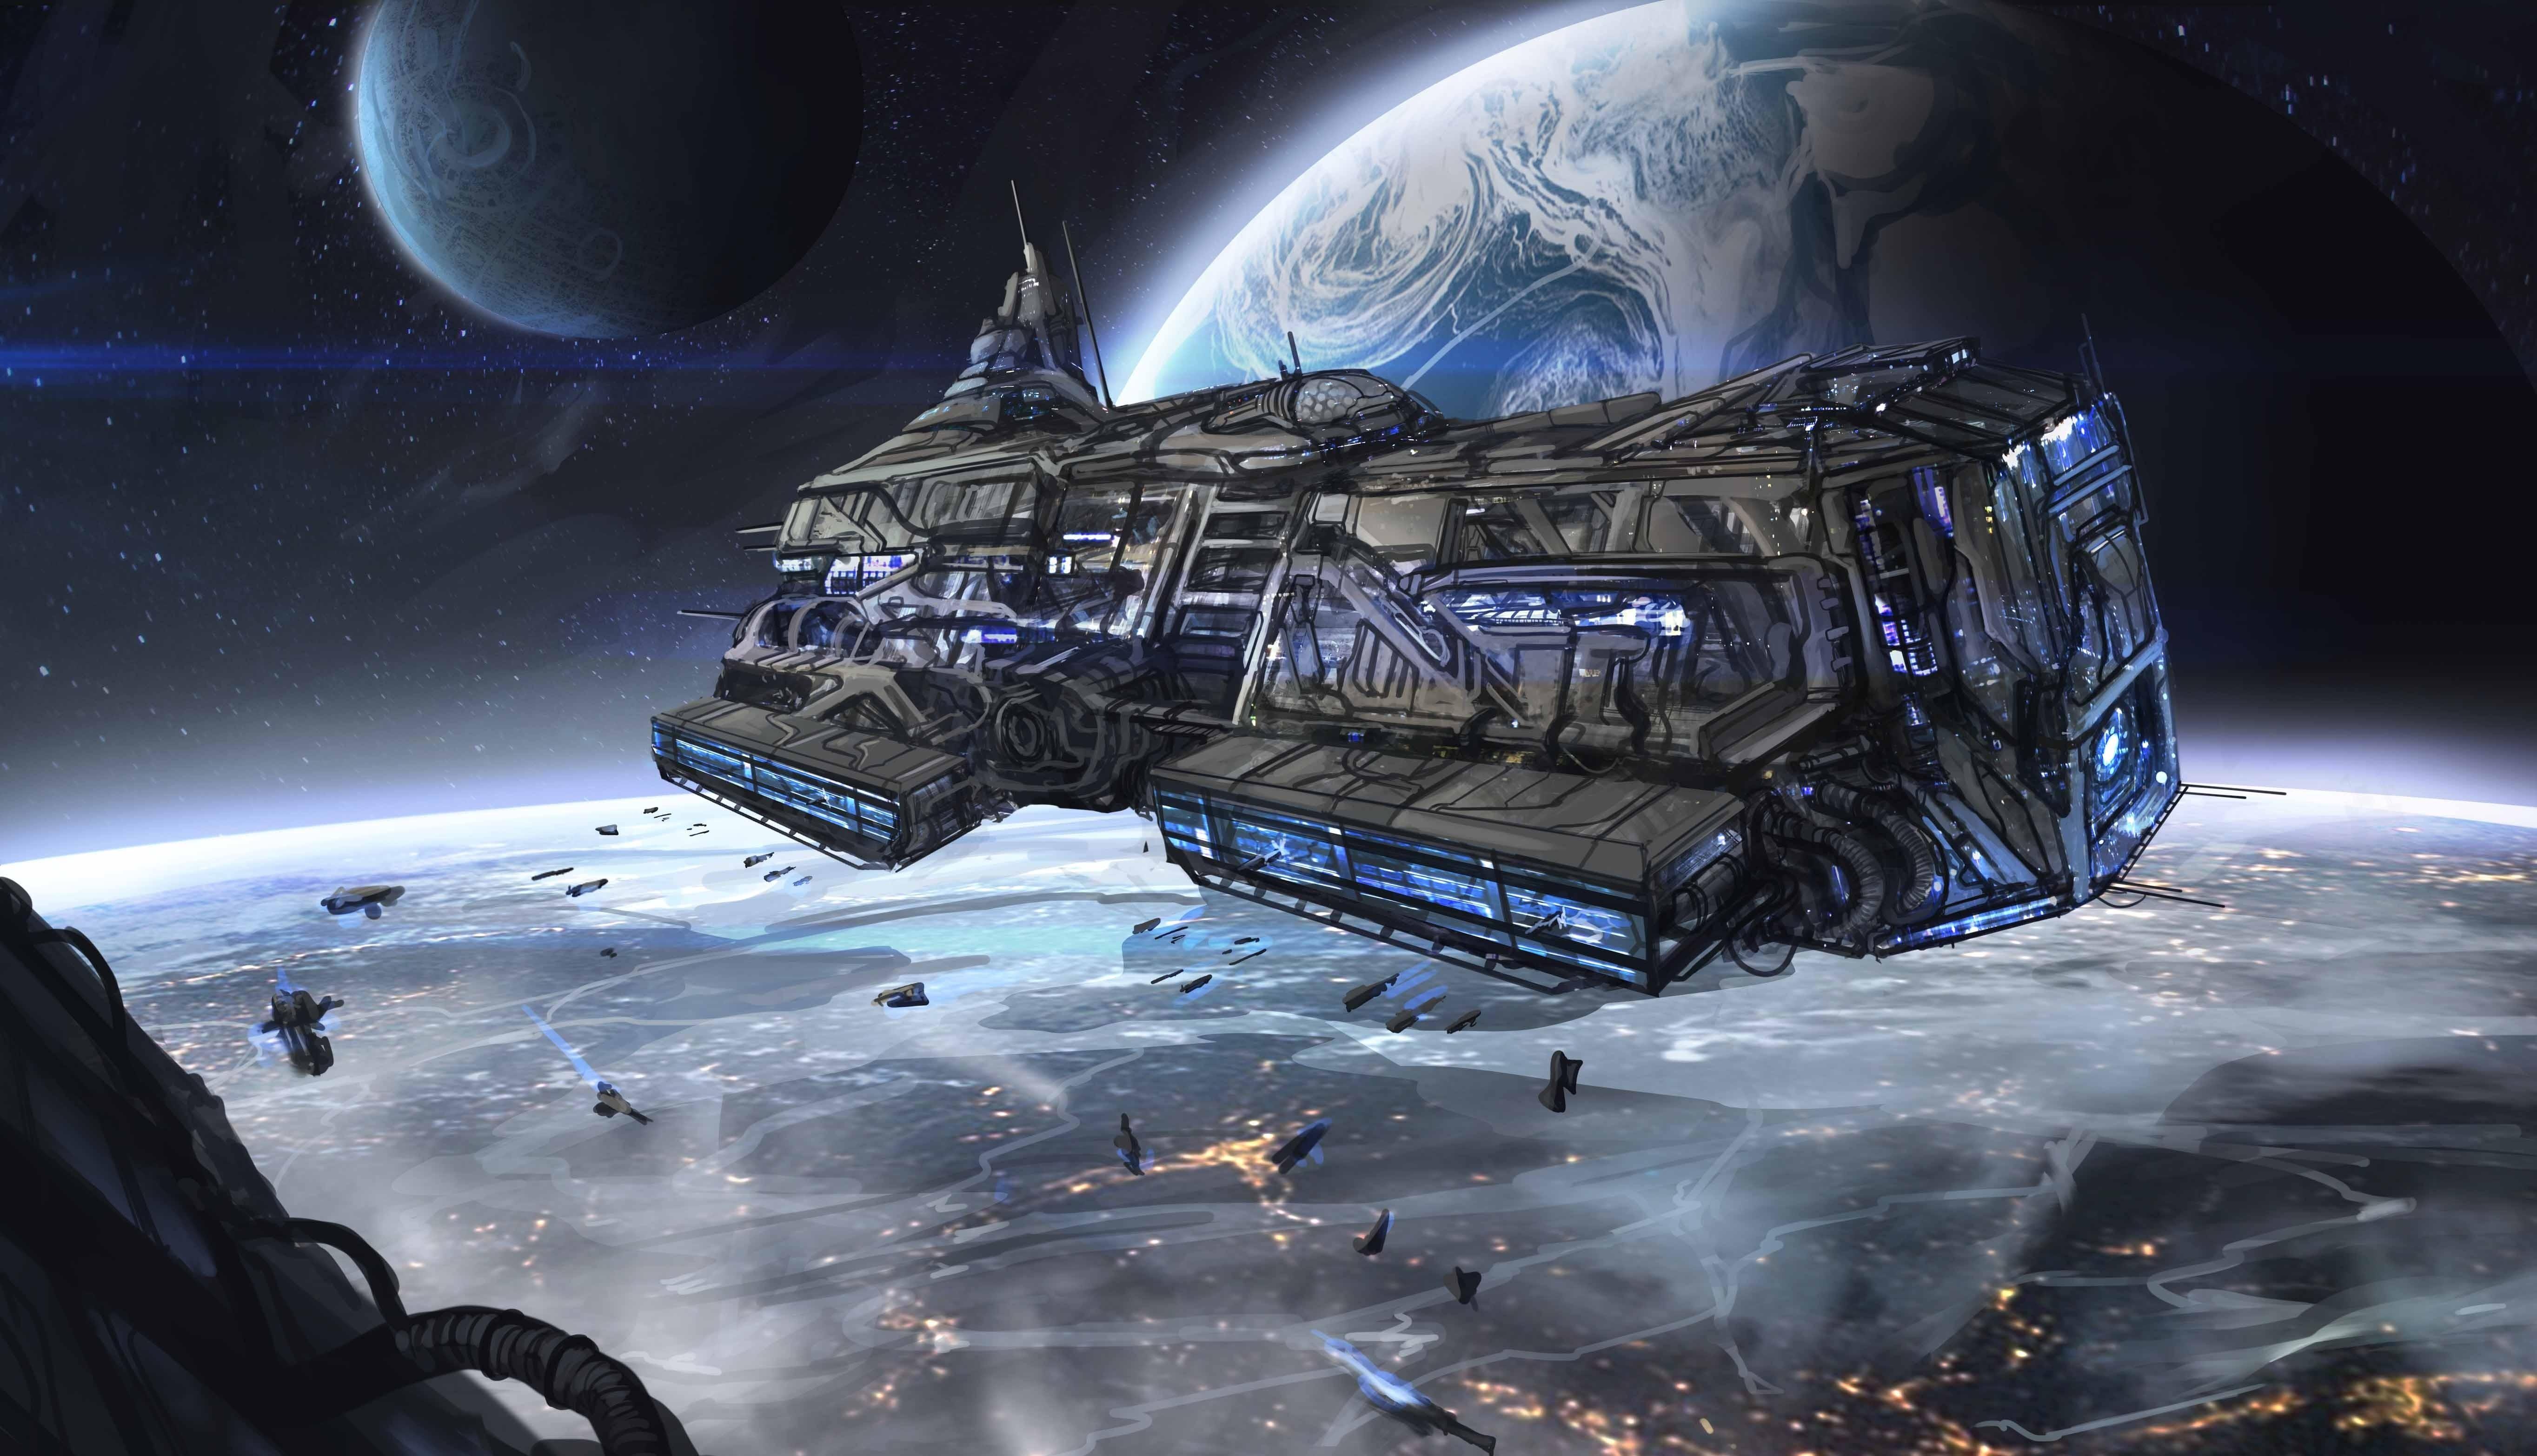 Обои Разрушенная планета, корабль картинки на рабочий стол на тему Космос - скачать  № 3552448 бесплатно